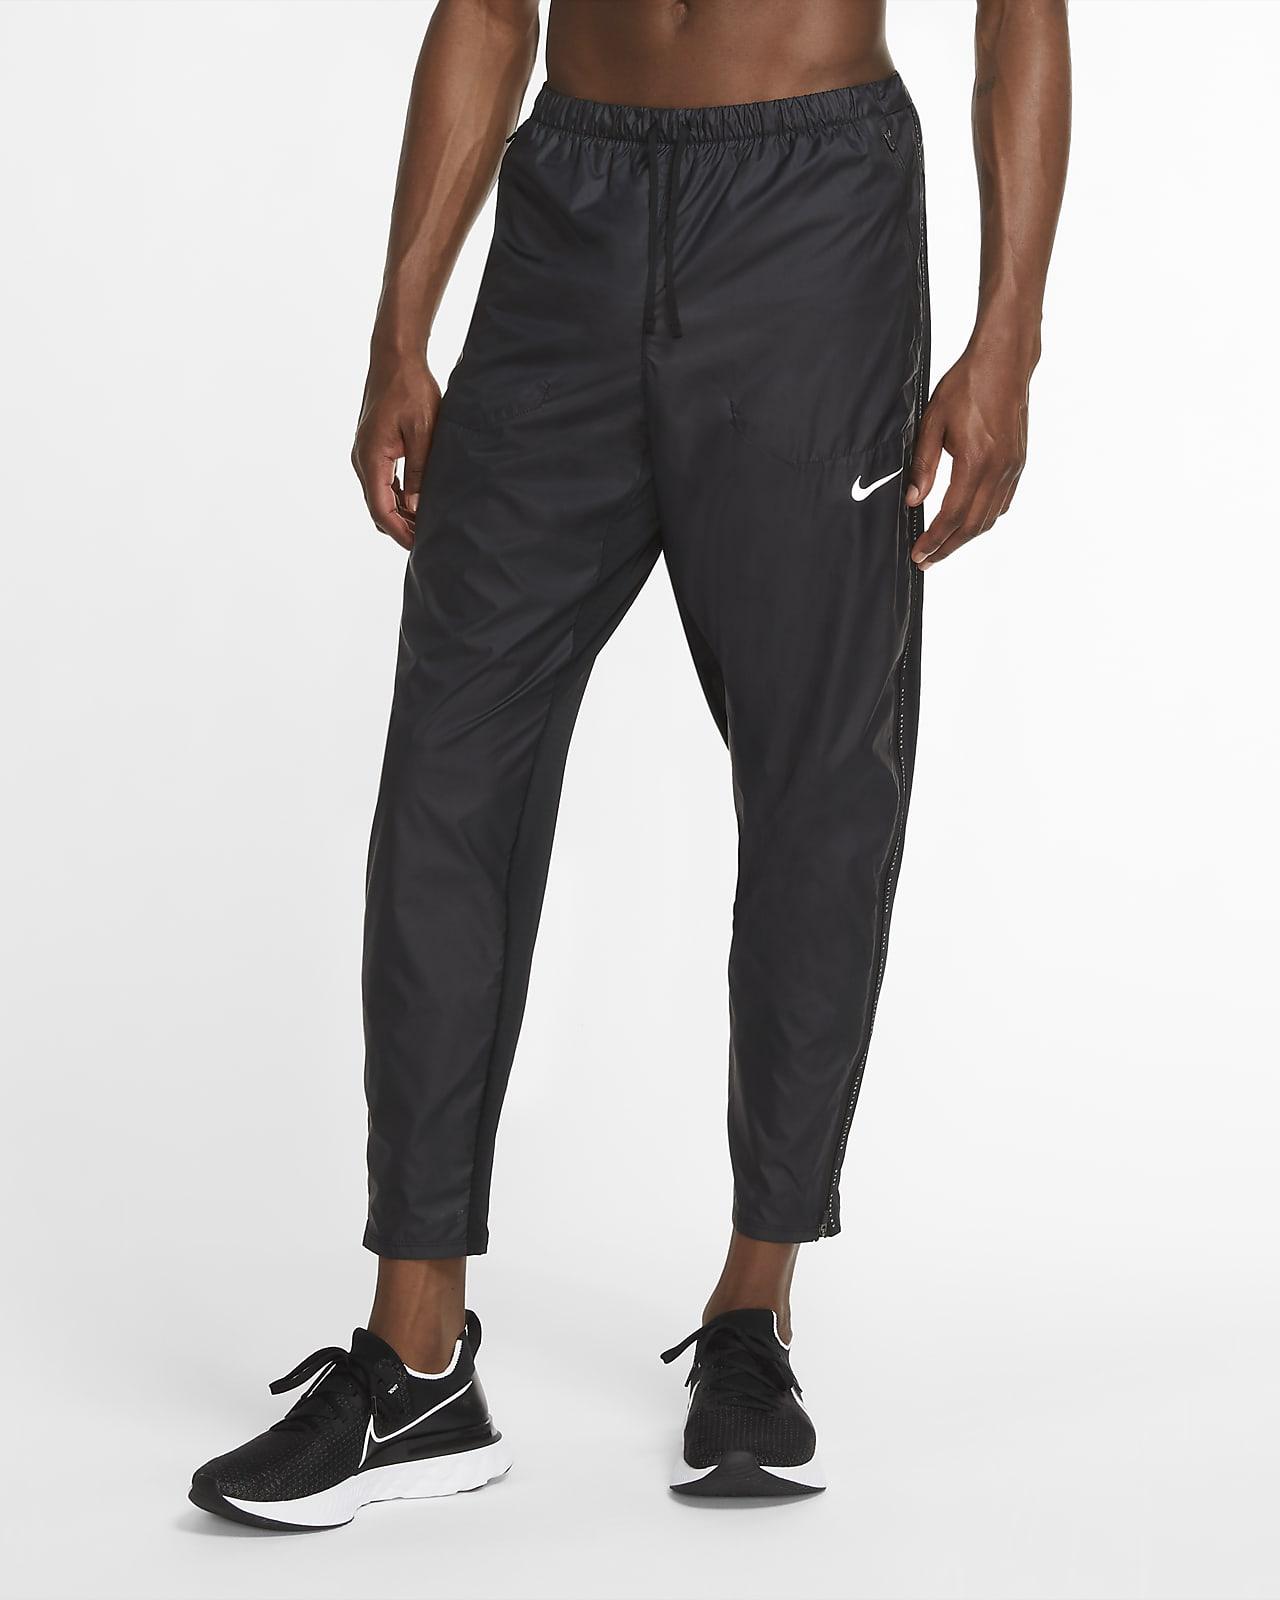 Męskie spodnie do biegania Nike Phenom Elite Shield Run Division